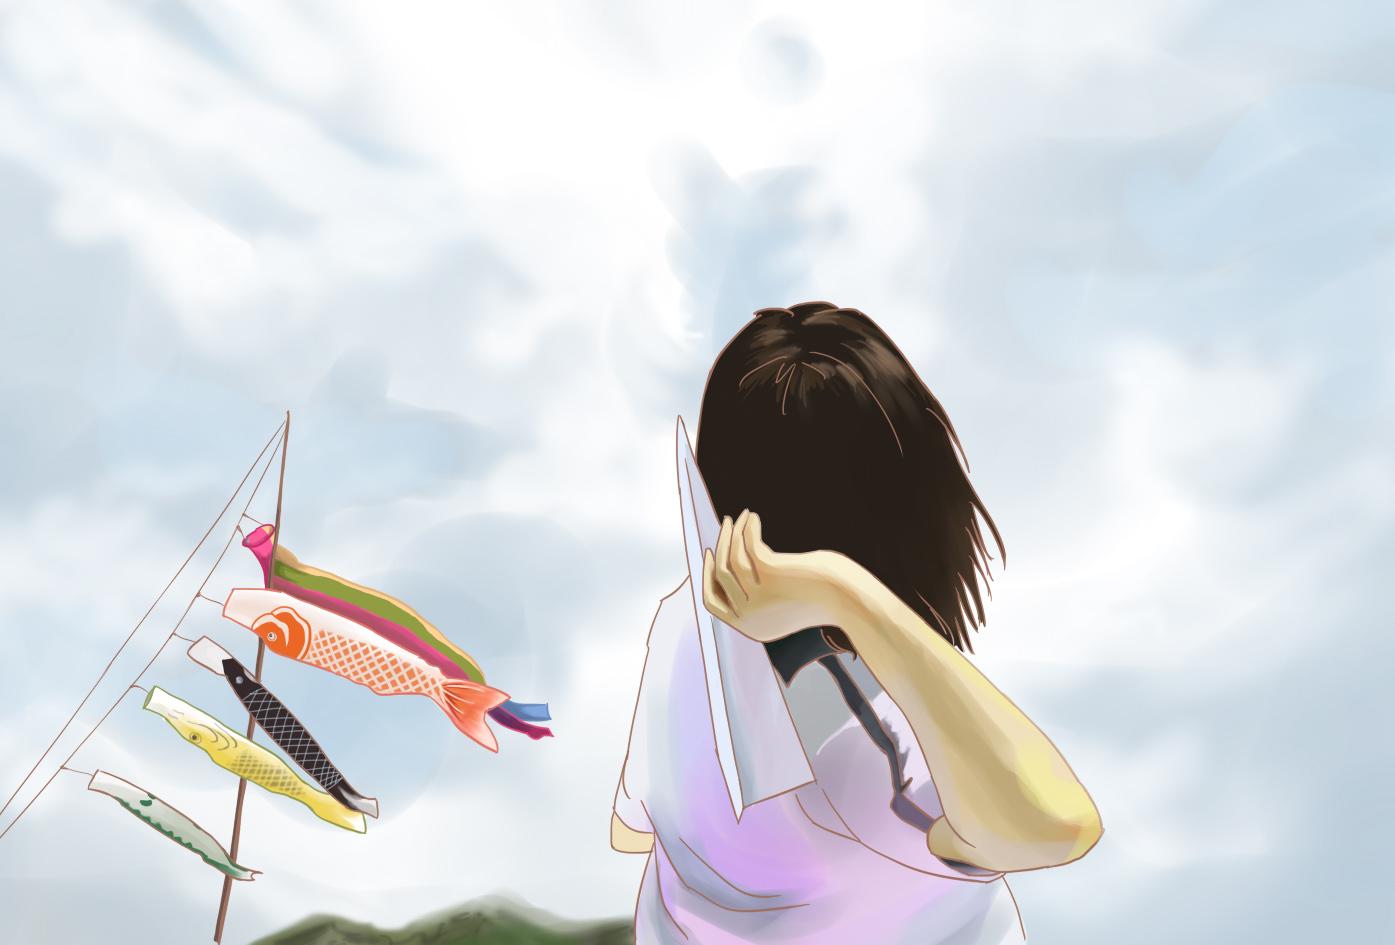 回忆小时候,喜欢玩折飞机,感觉很简单